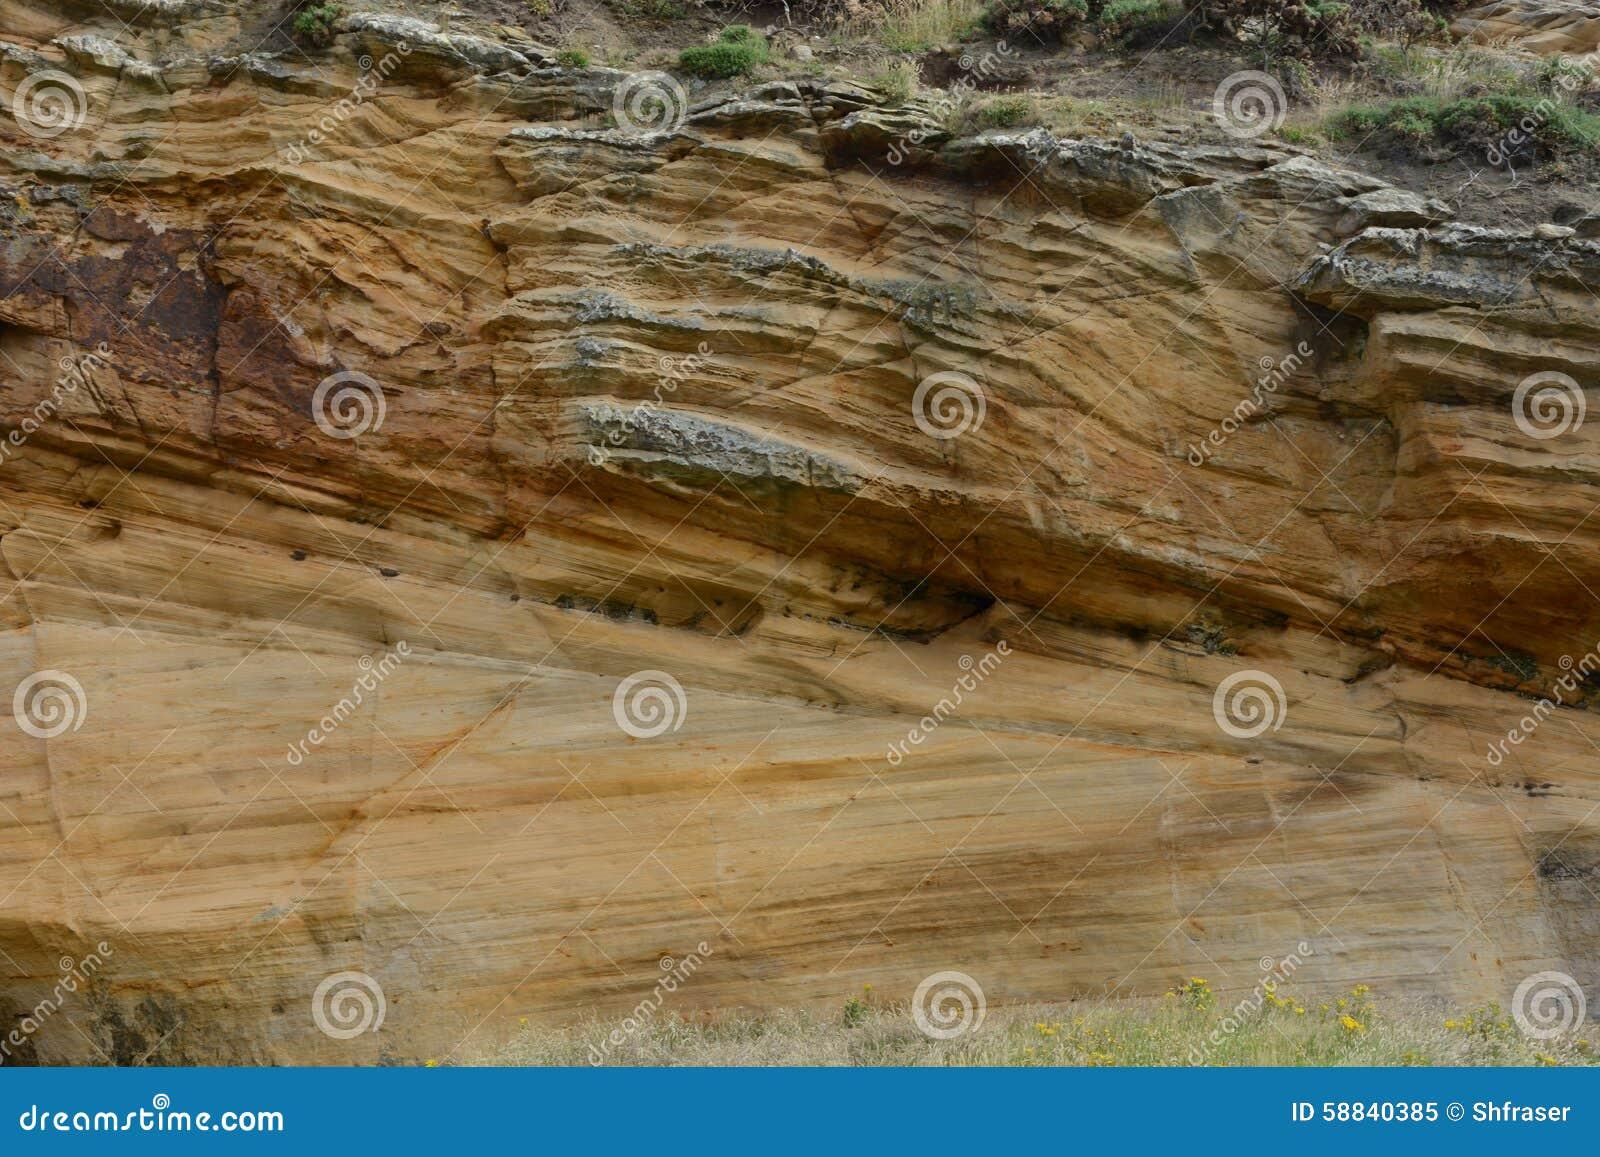 分层堆积在Clashach小海湾的砂岩